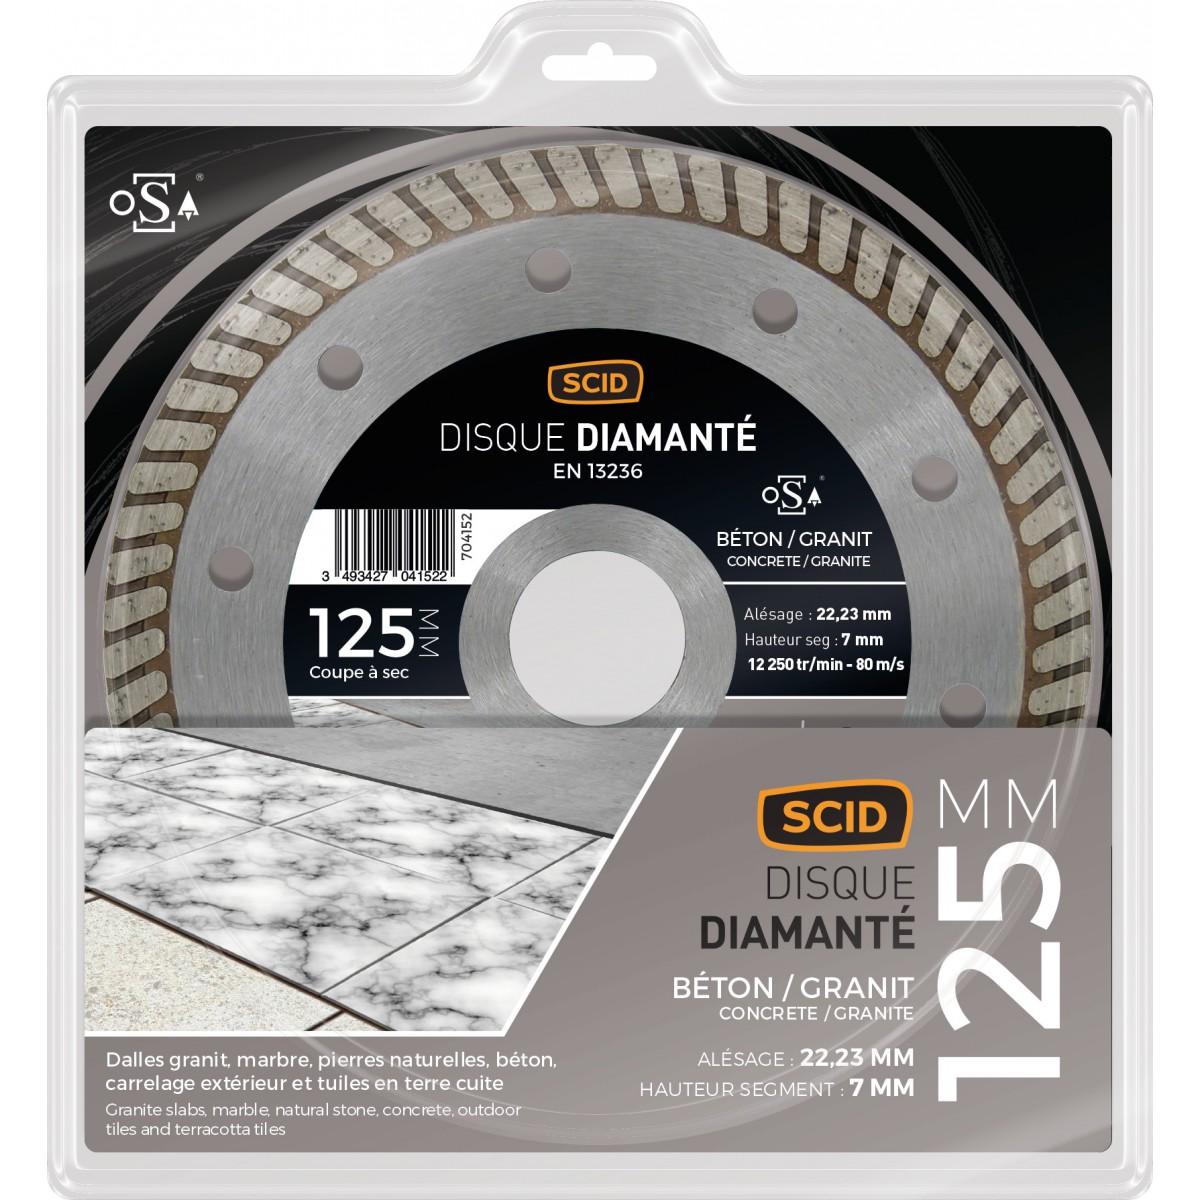 Disque diamanté béton granit crénelé SCID - Diamètre 125 mm